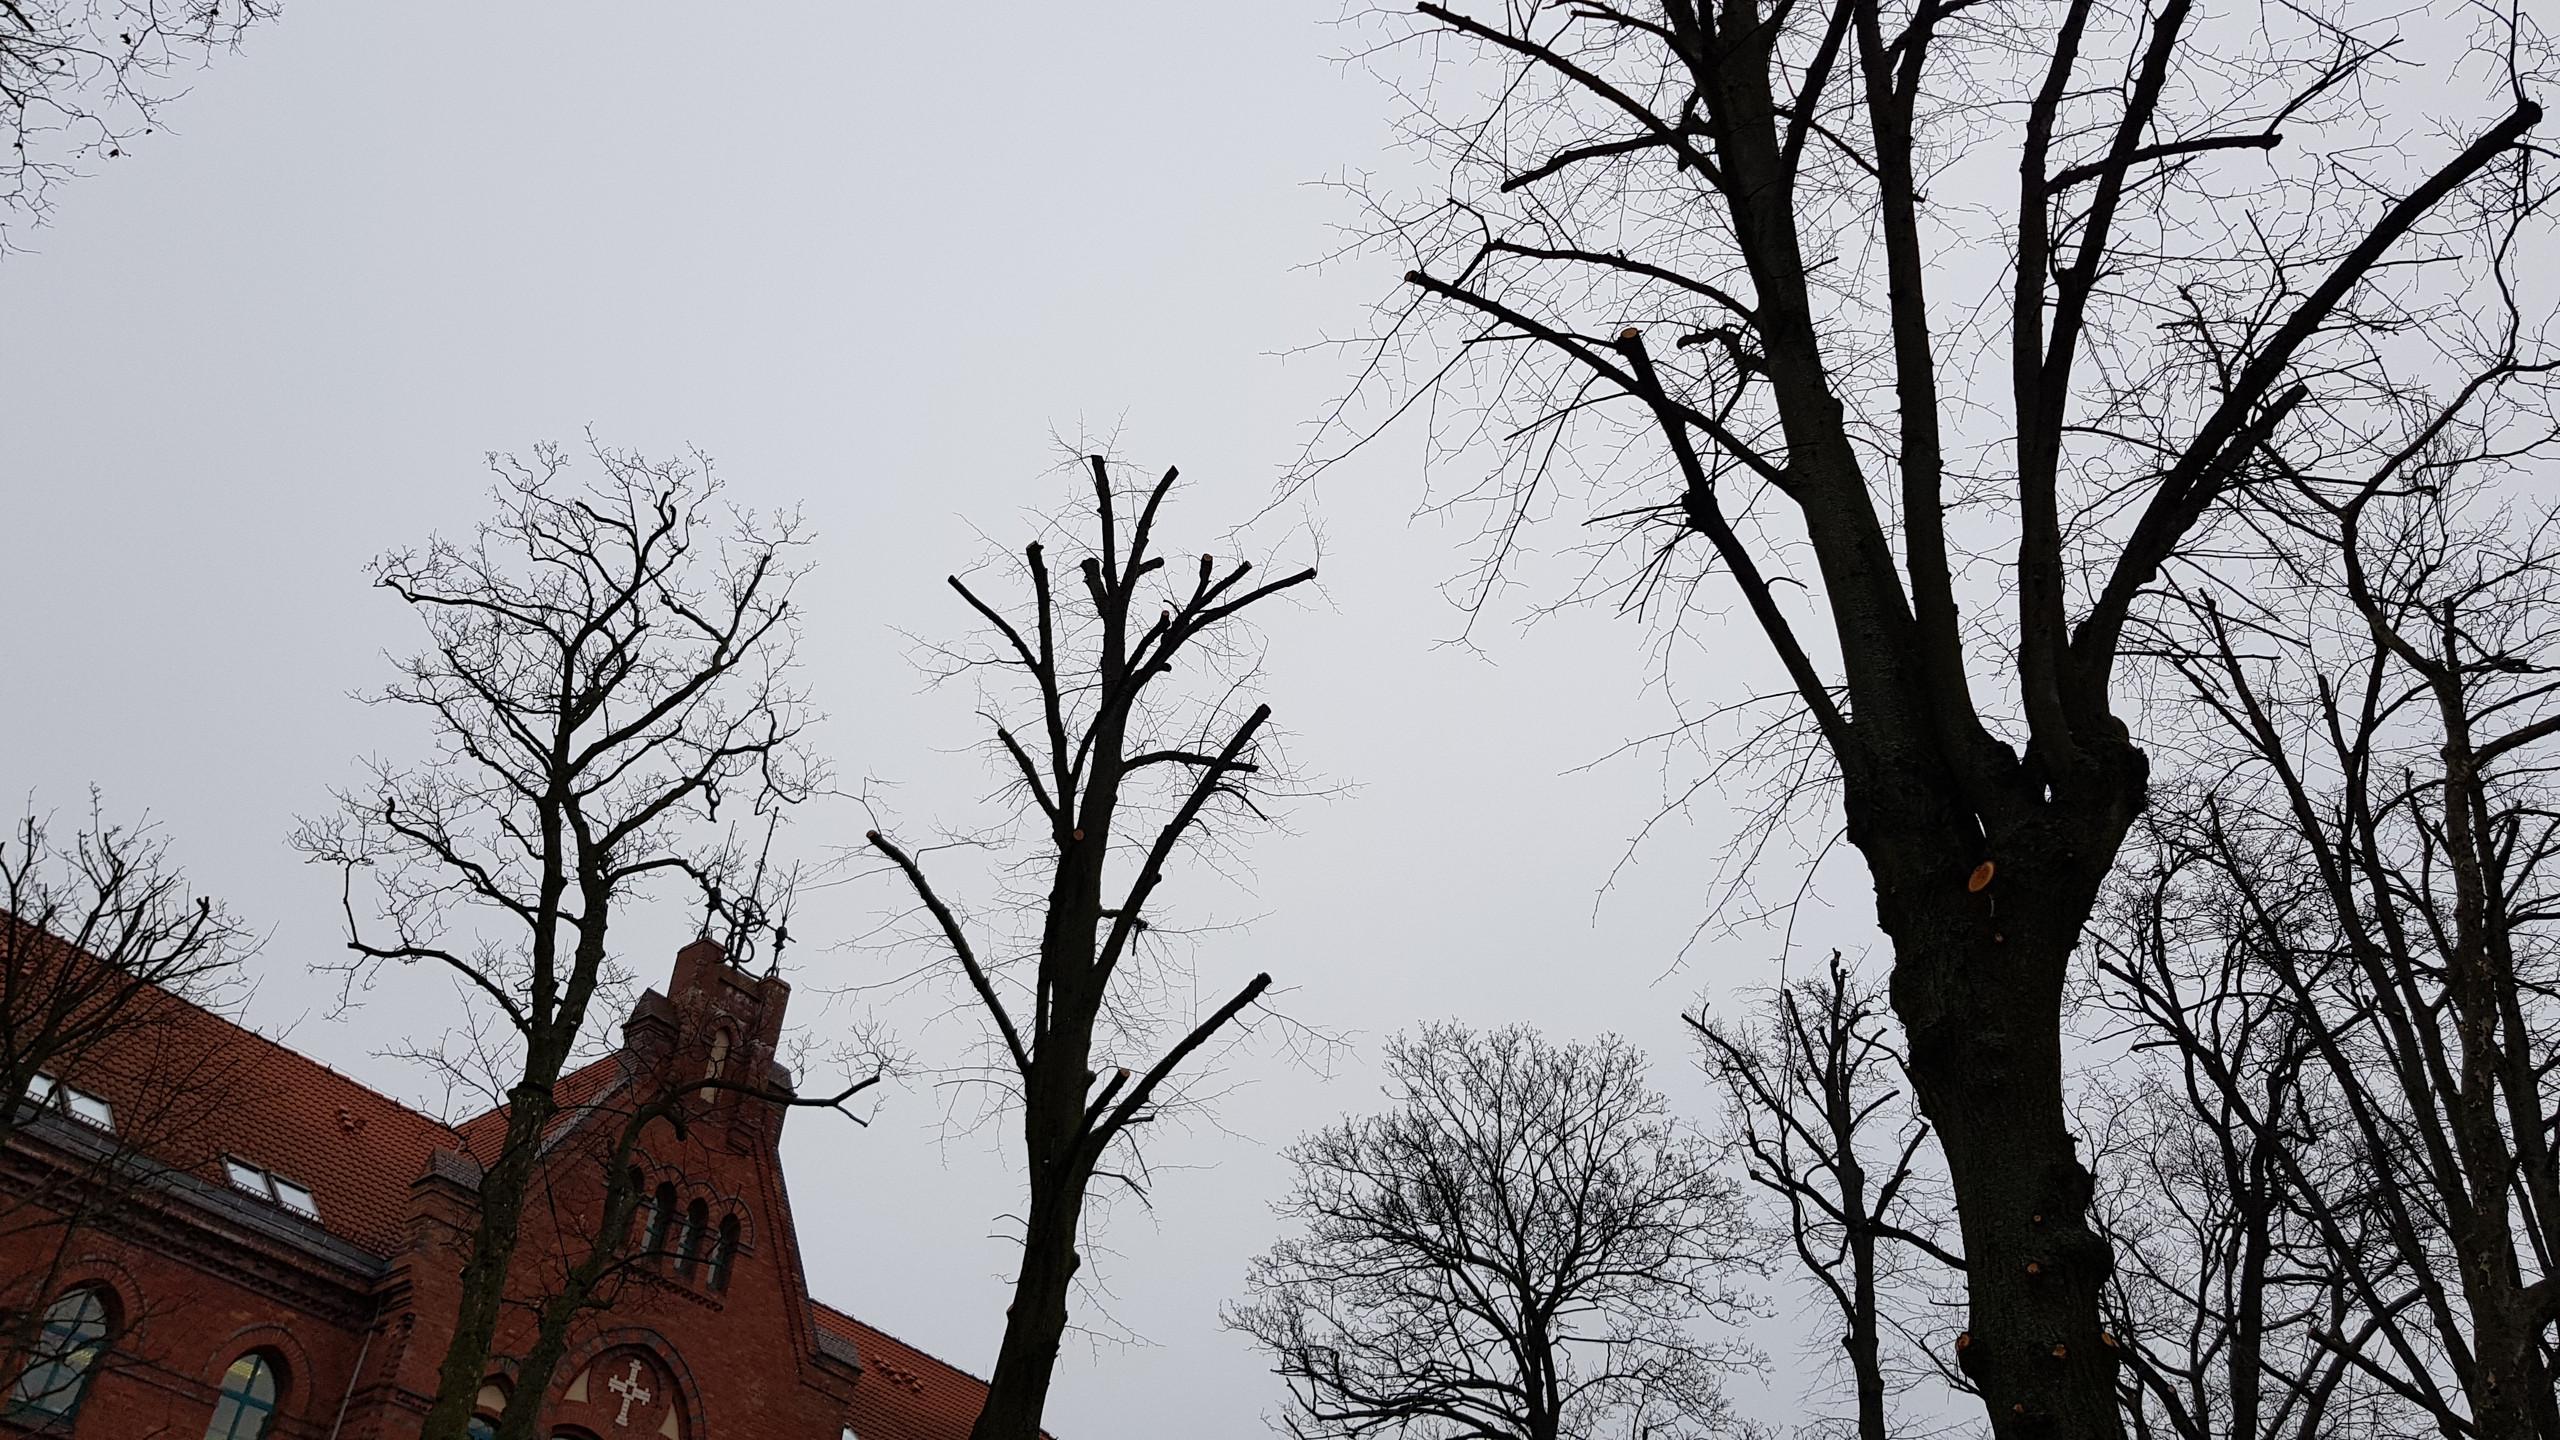 drzewa_po_przycince_formującej